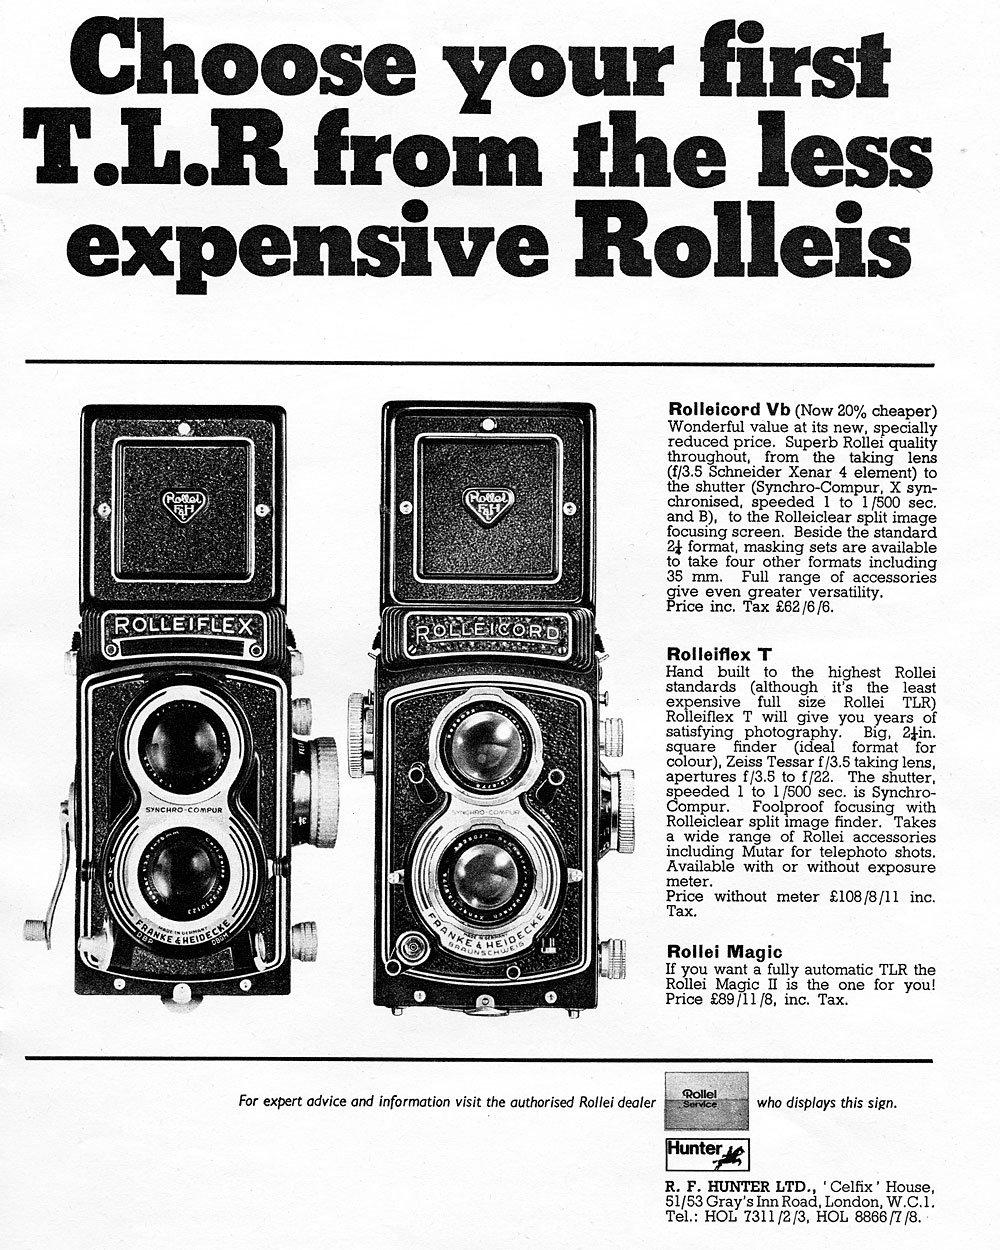 Manuale Rollei e Rolleiflex